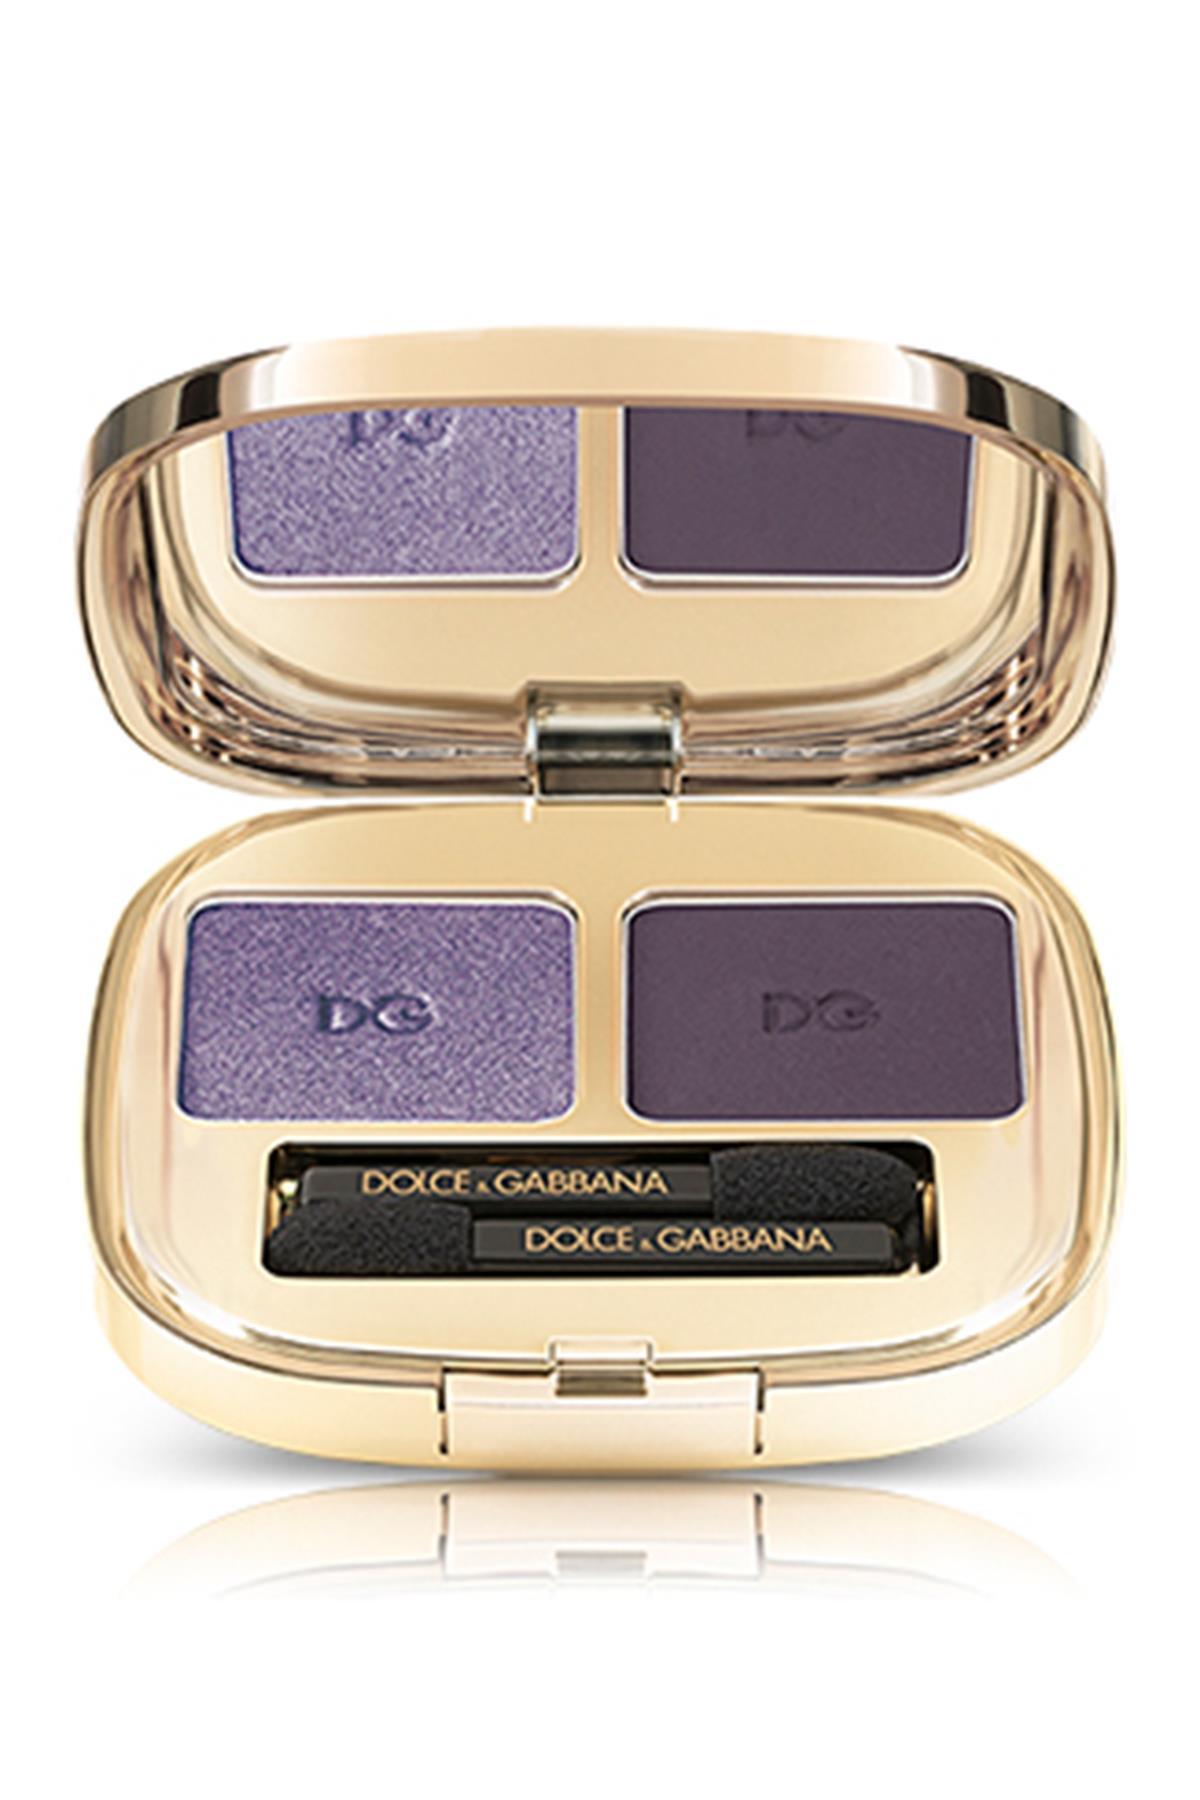 Dolce Gabbana Smooth Eyeshadow Duo 107 Gems Göz Farı